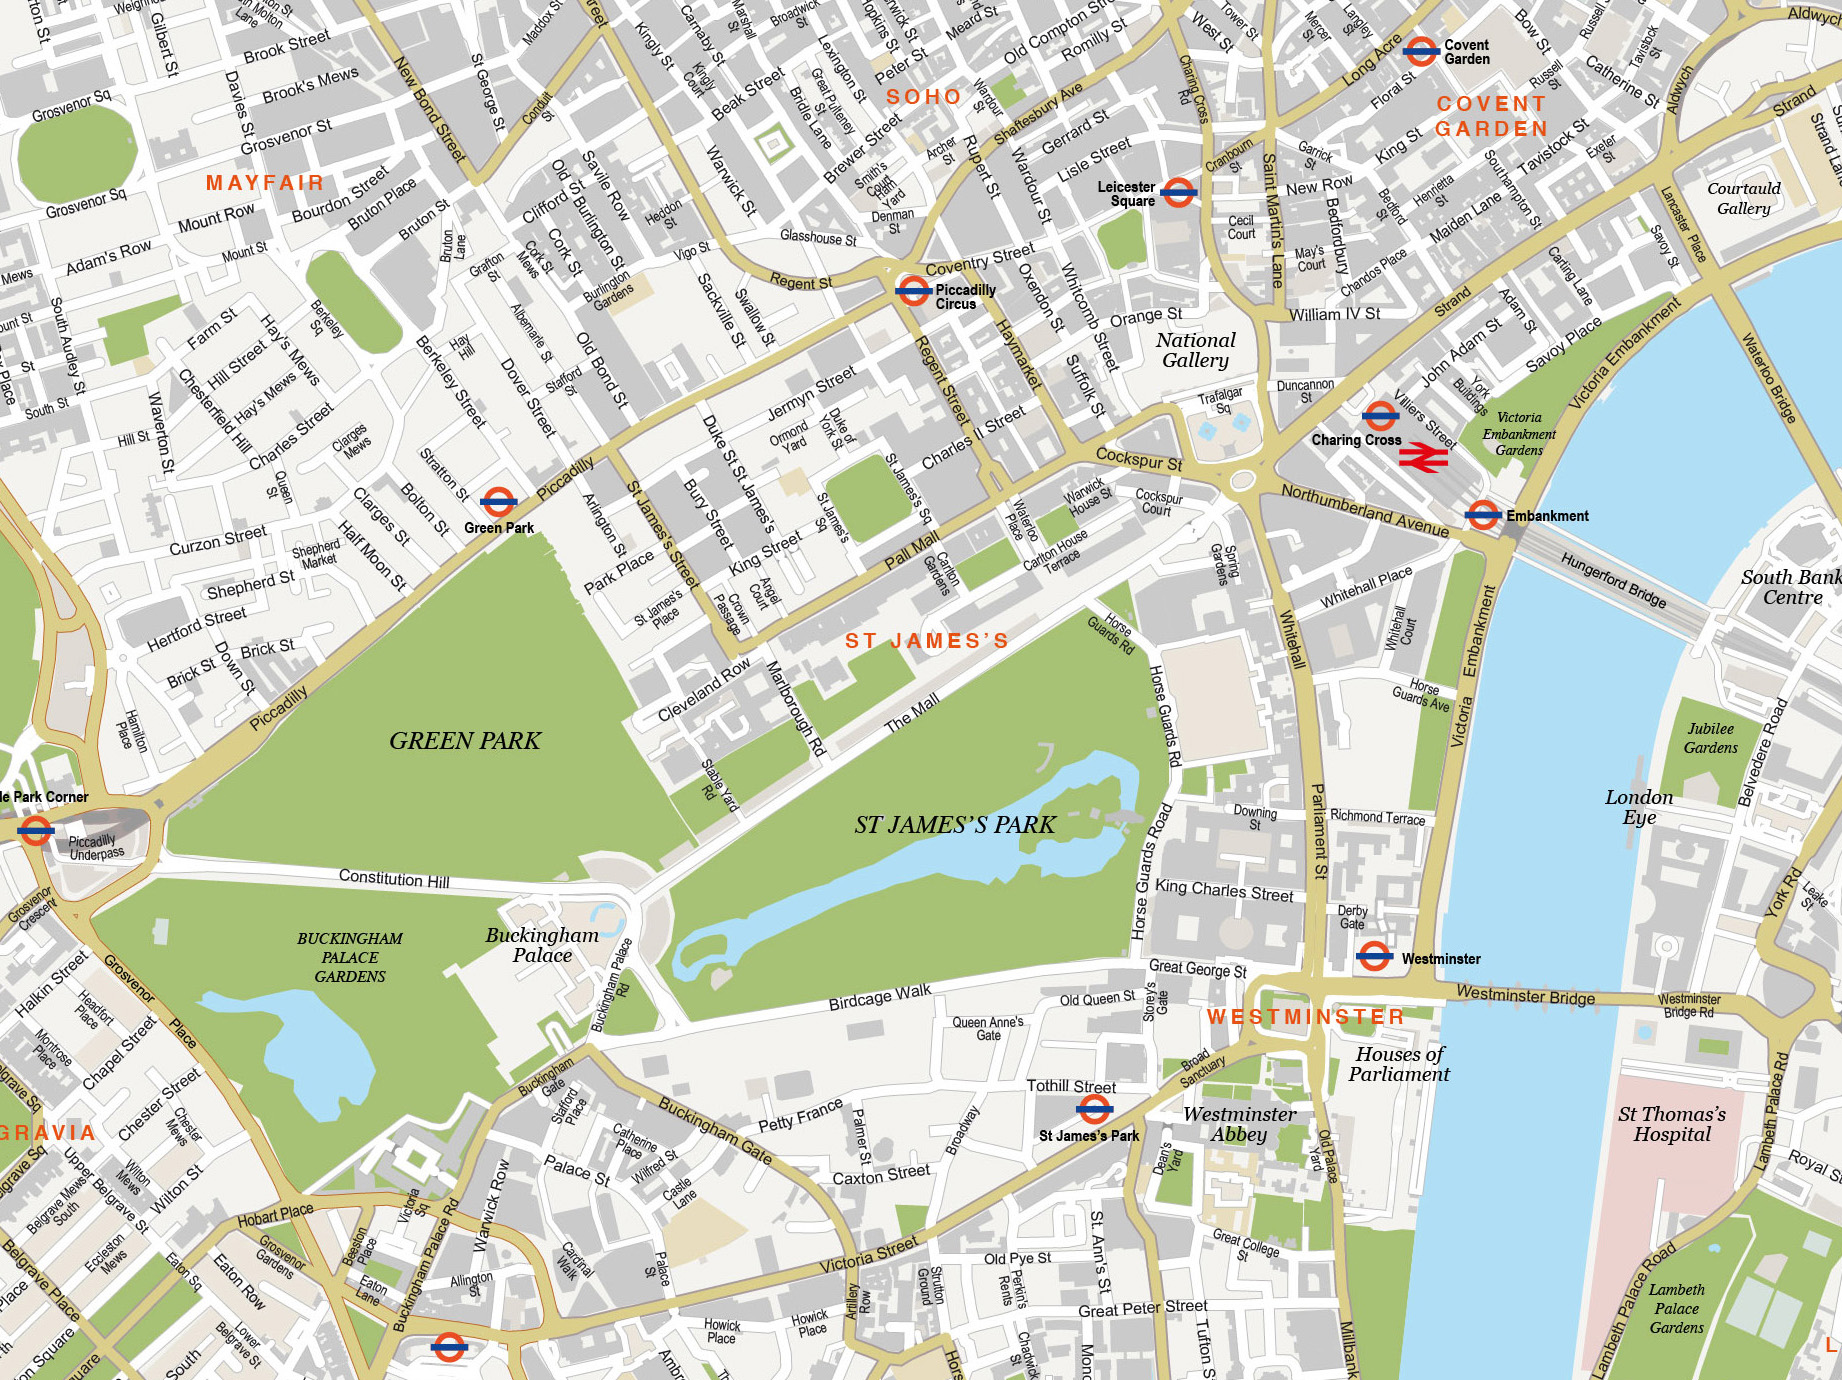 Free London Maps